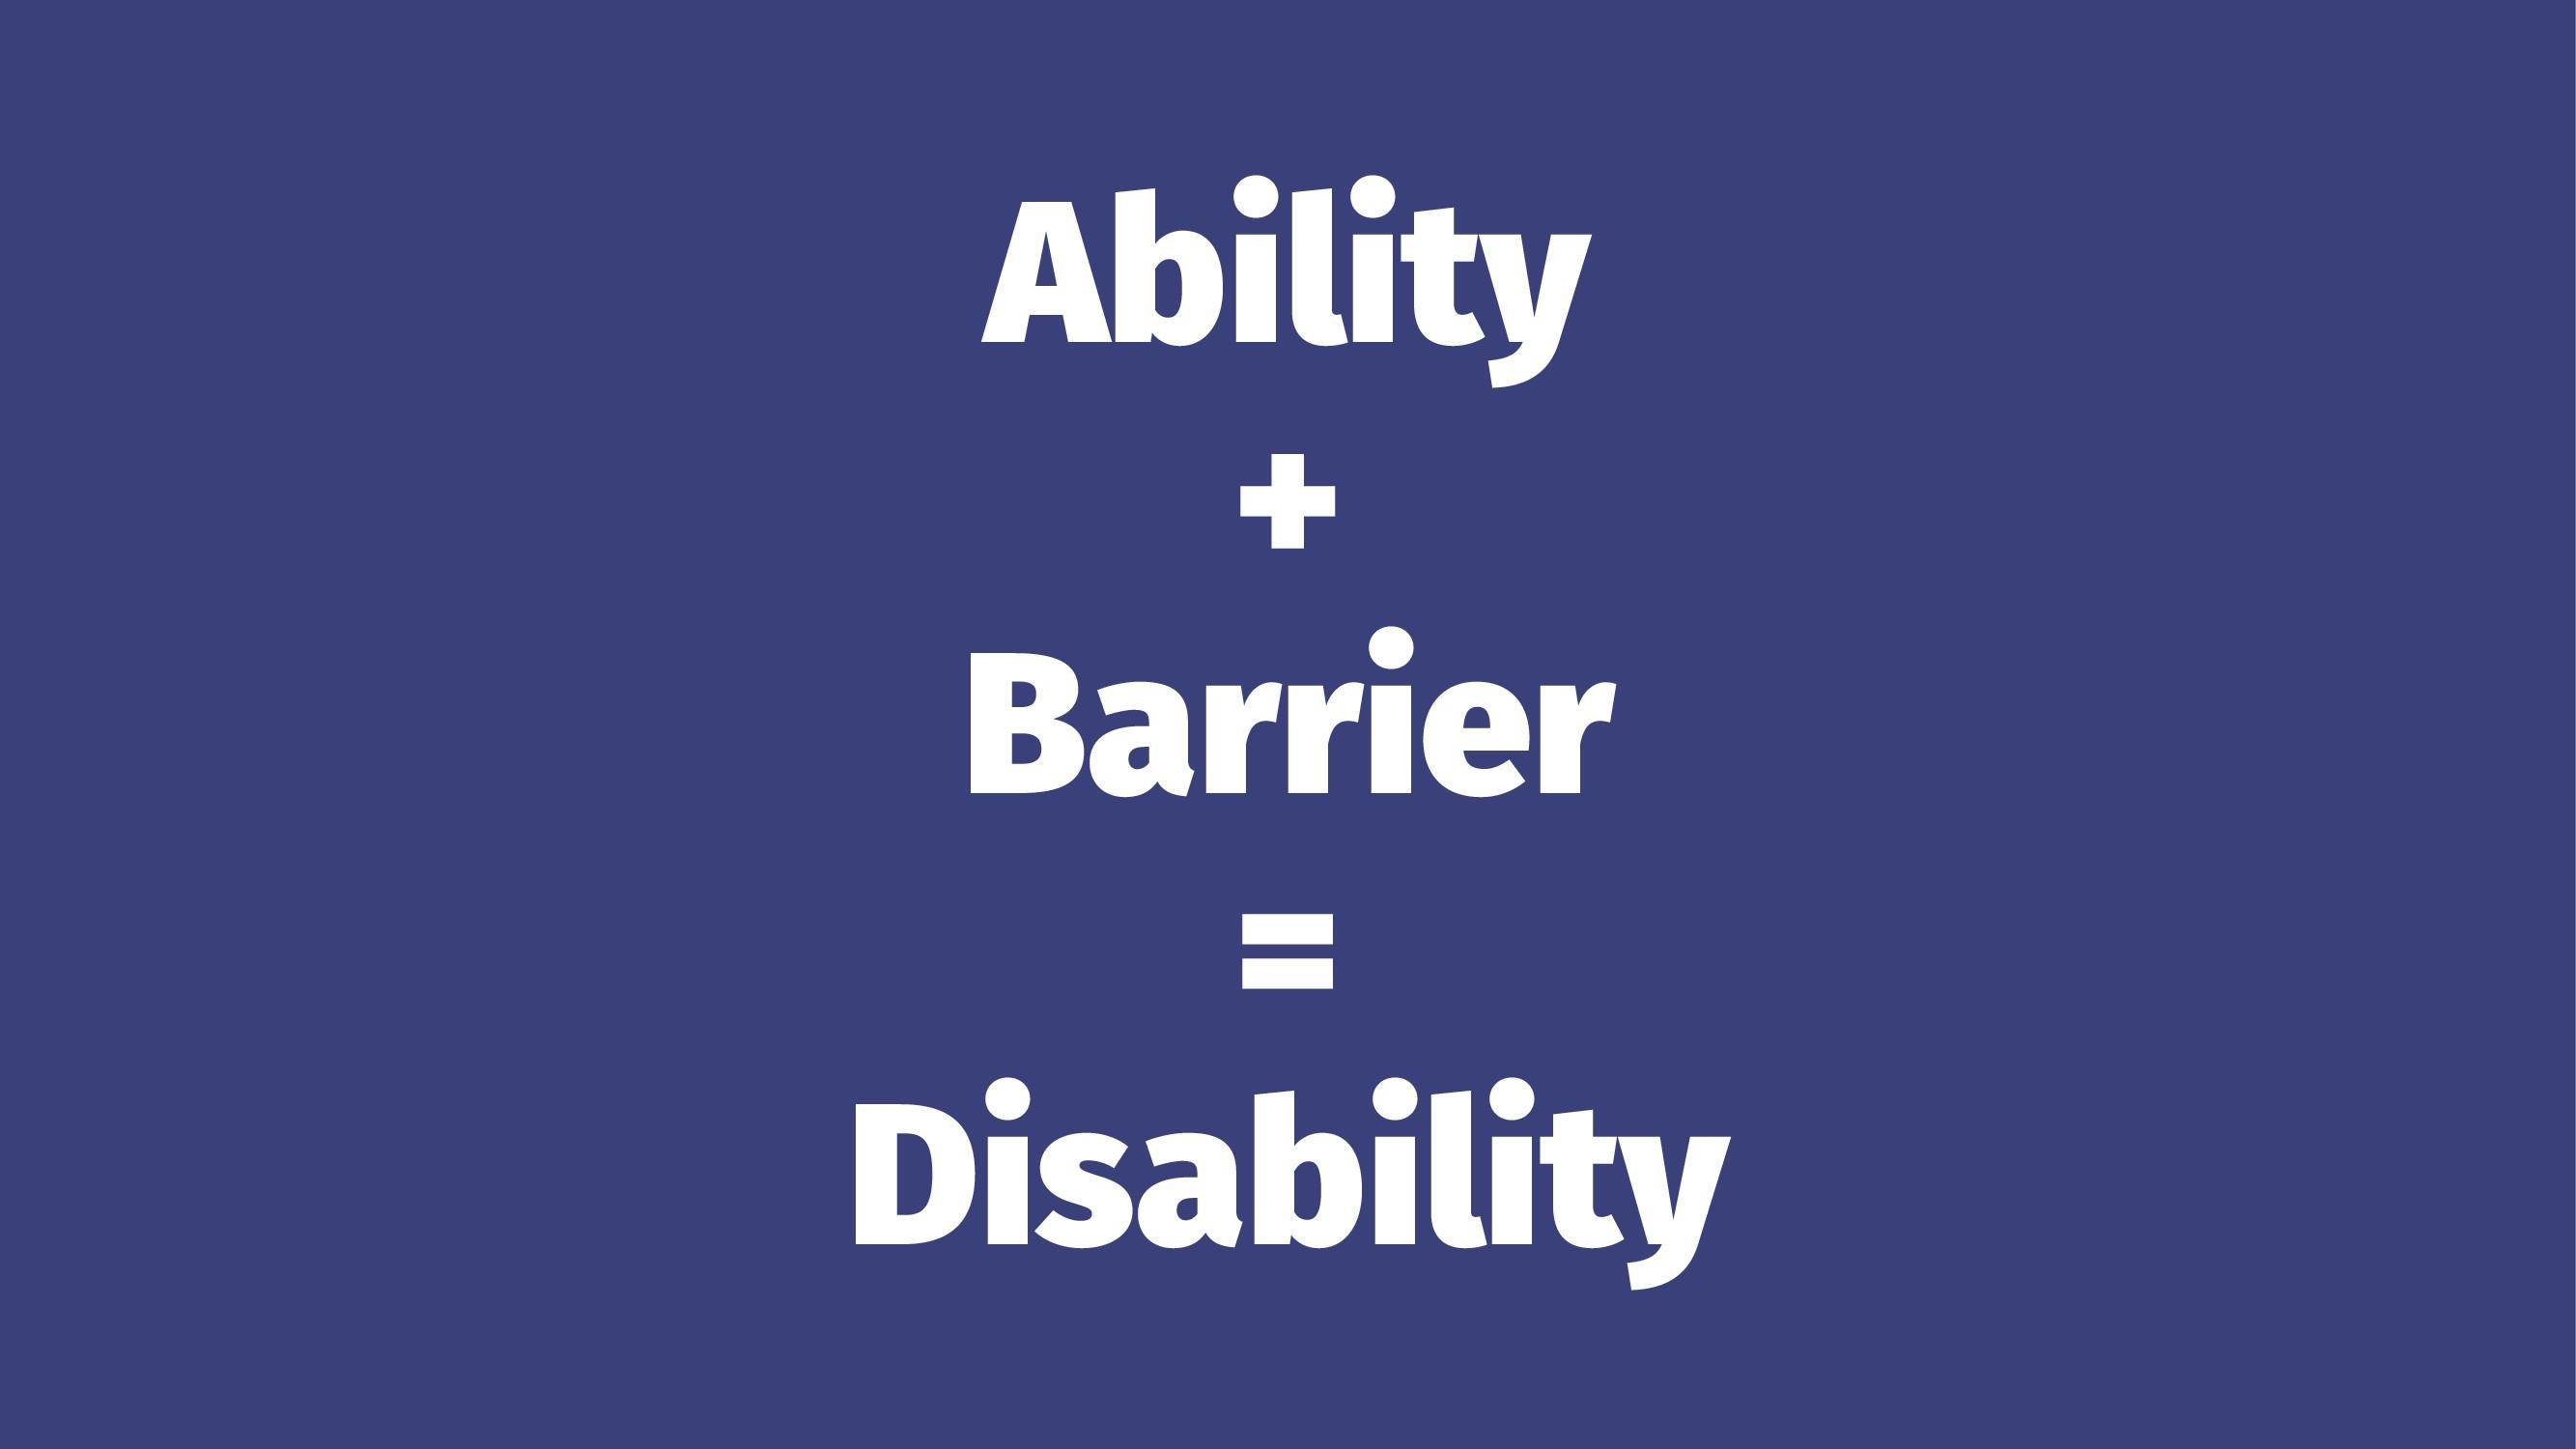 Ability + Barrier = Disability